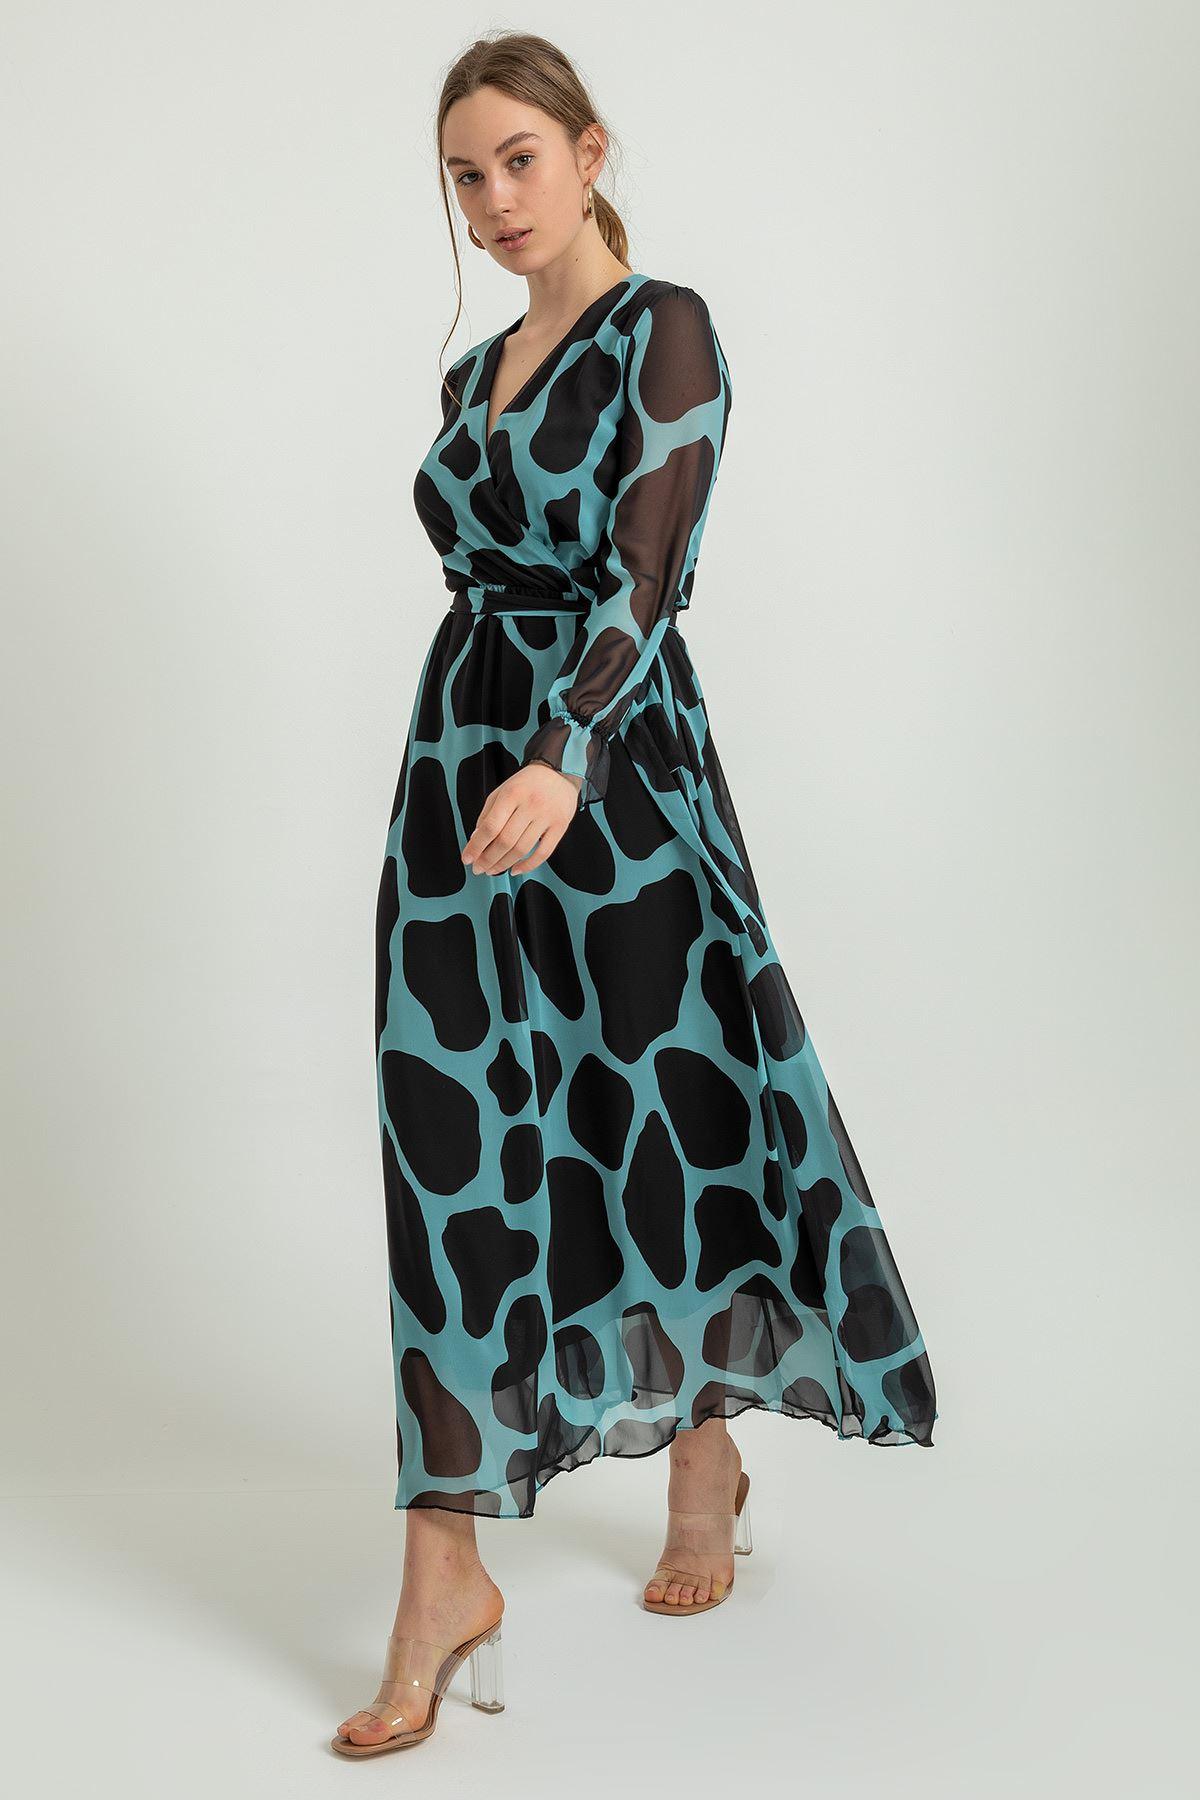 Taş Desen Uzun Şifon Elbise-Mint